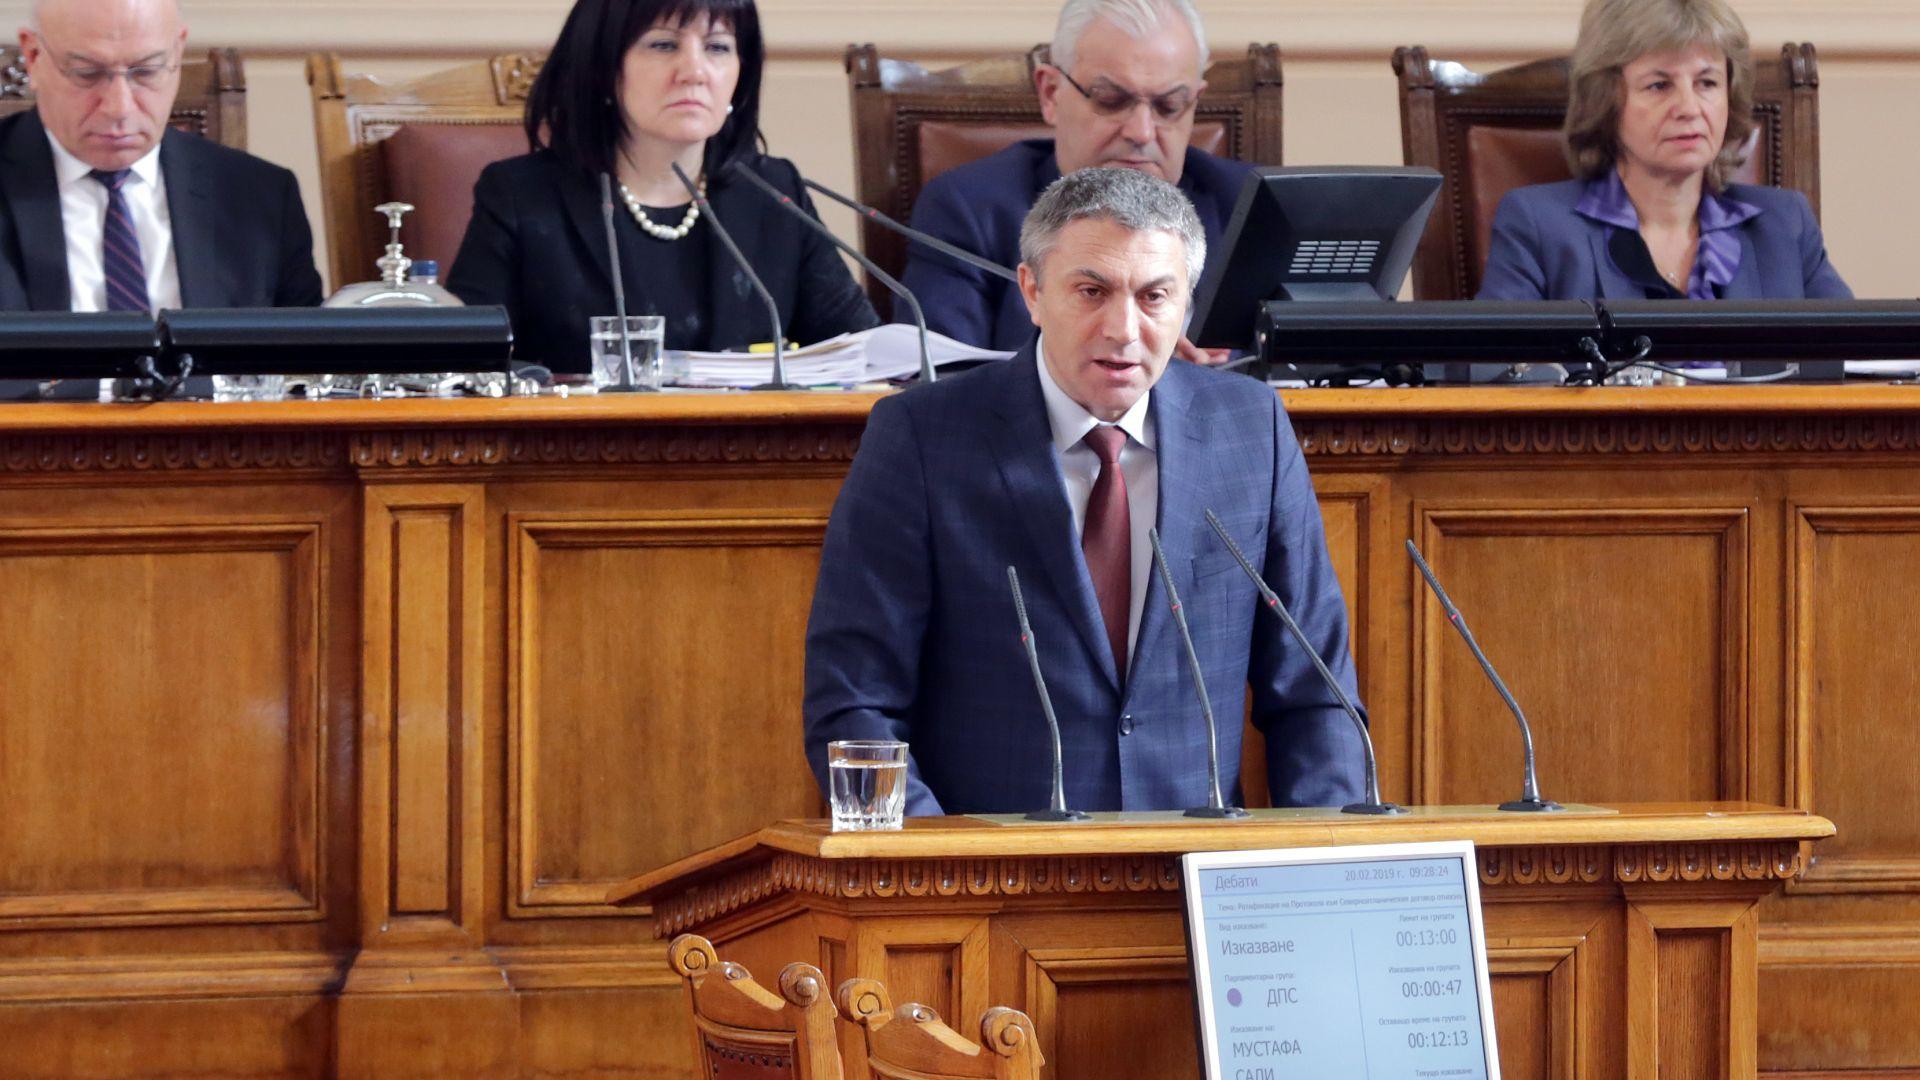 ДПС за майчиния език: Нетолерантна България от 30 г. не се е развила и сантиметър